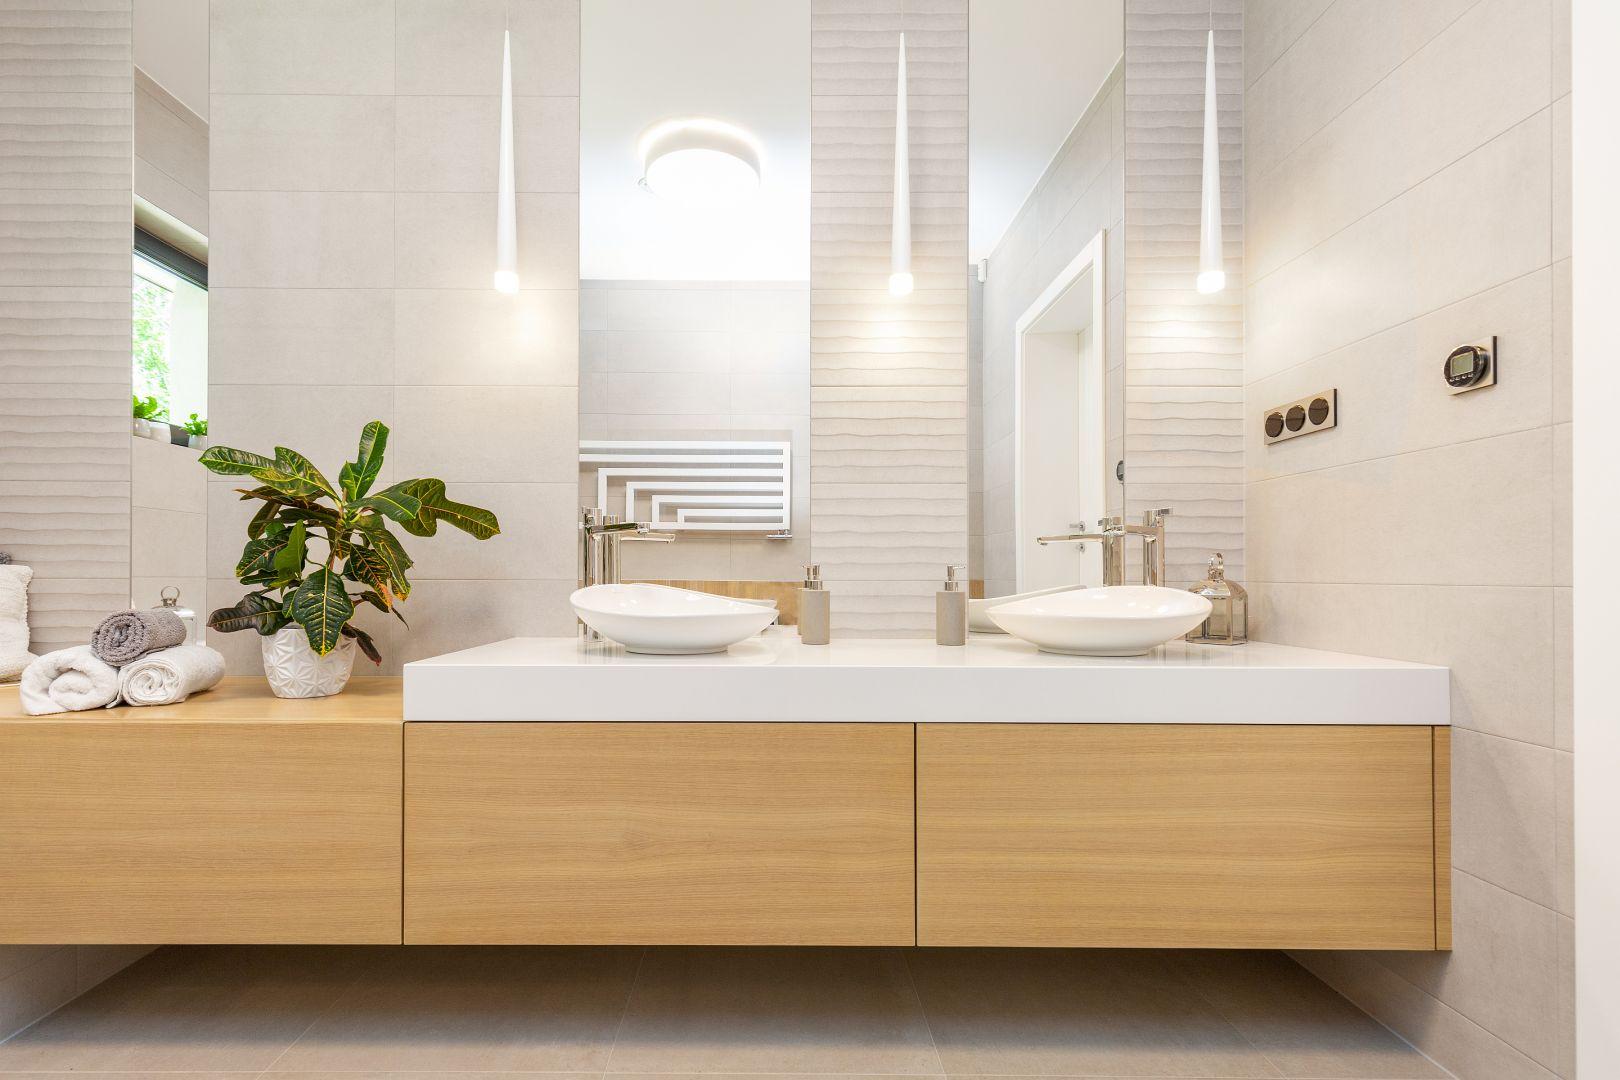 W łazience dominują jasne kolory: delikatne beże, drewno w miodowym wybarwieniu i klasyczna biel. Projekt: Urszula Tracz. Fot. Marta Behling, Pion Poziom